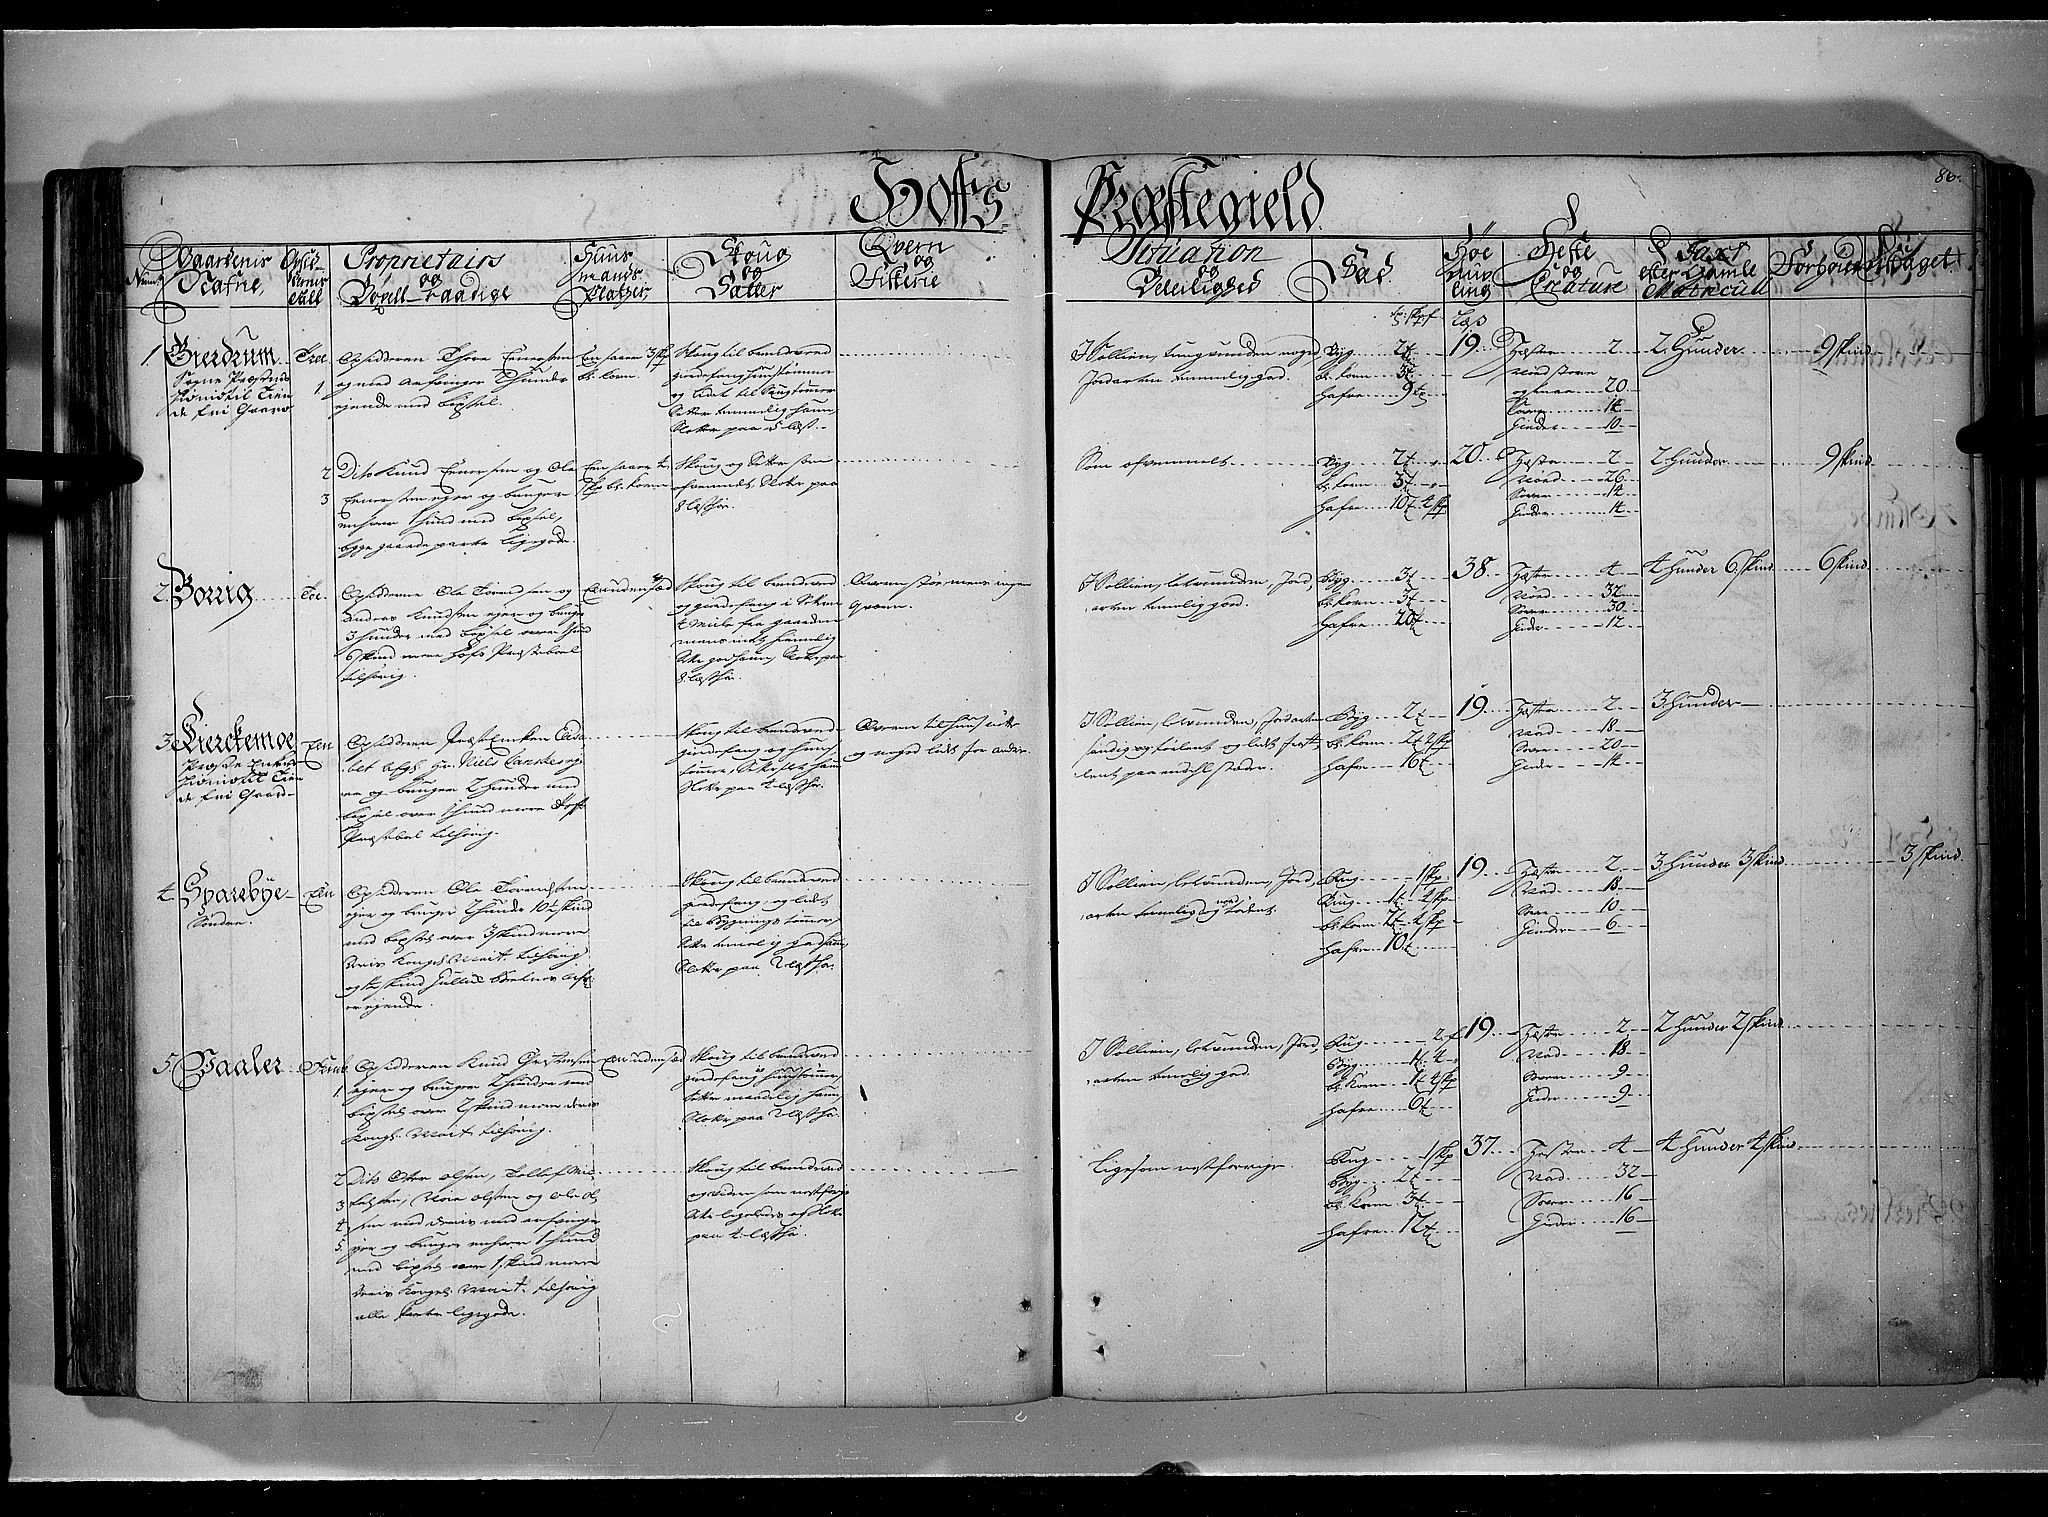 RA, Rentekammeret inntil 1814, Realistisk ordnet avdeling, N/Nb/Nbf/L0101: Solør, Østerdalen og Odal eksaminasjonsprotokoll, 1723, s. 85b-86a